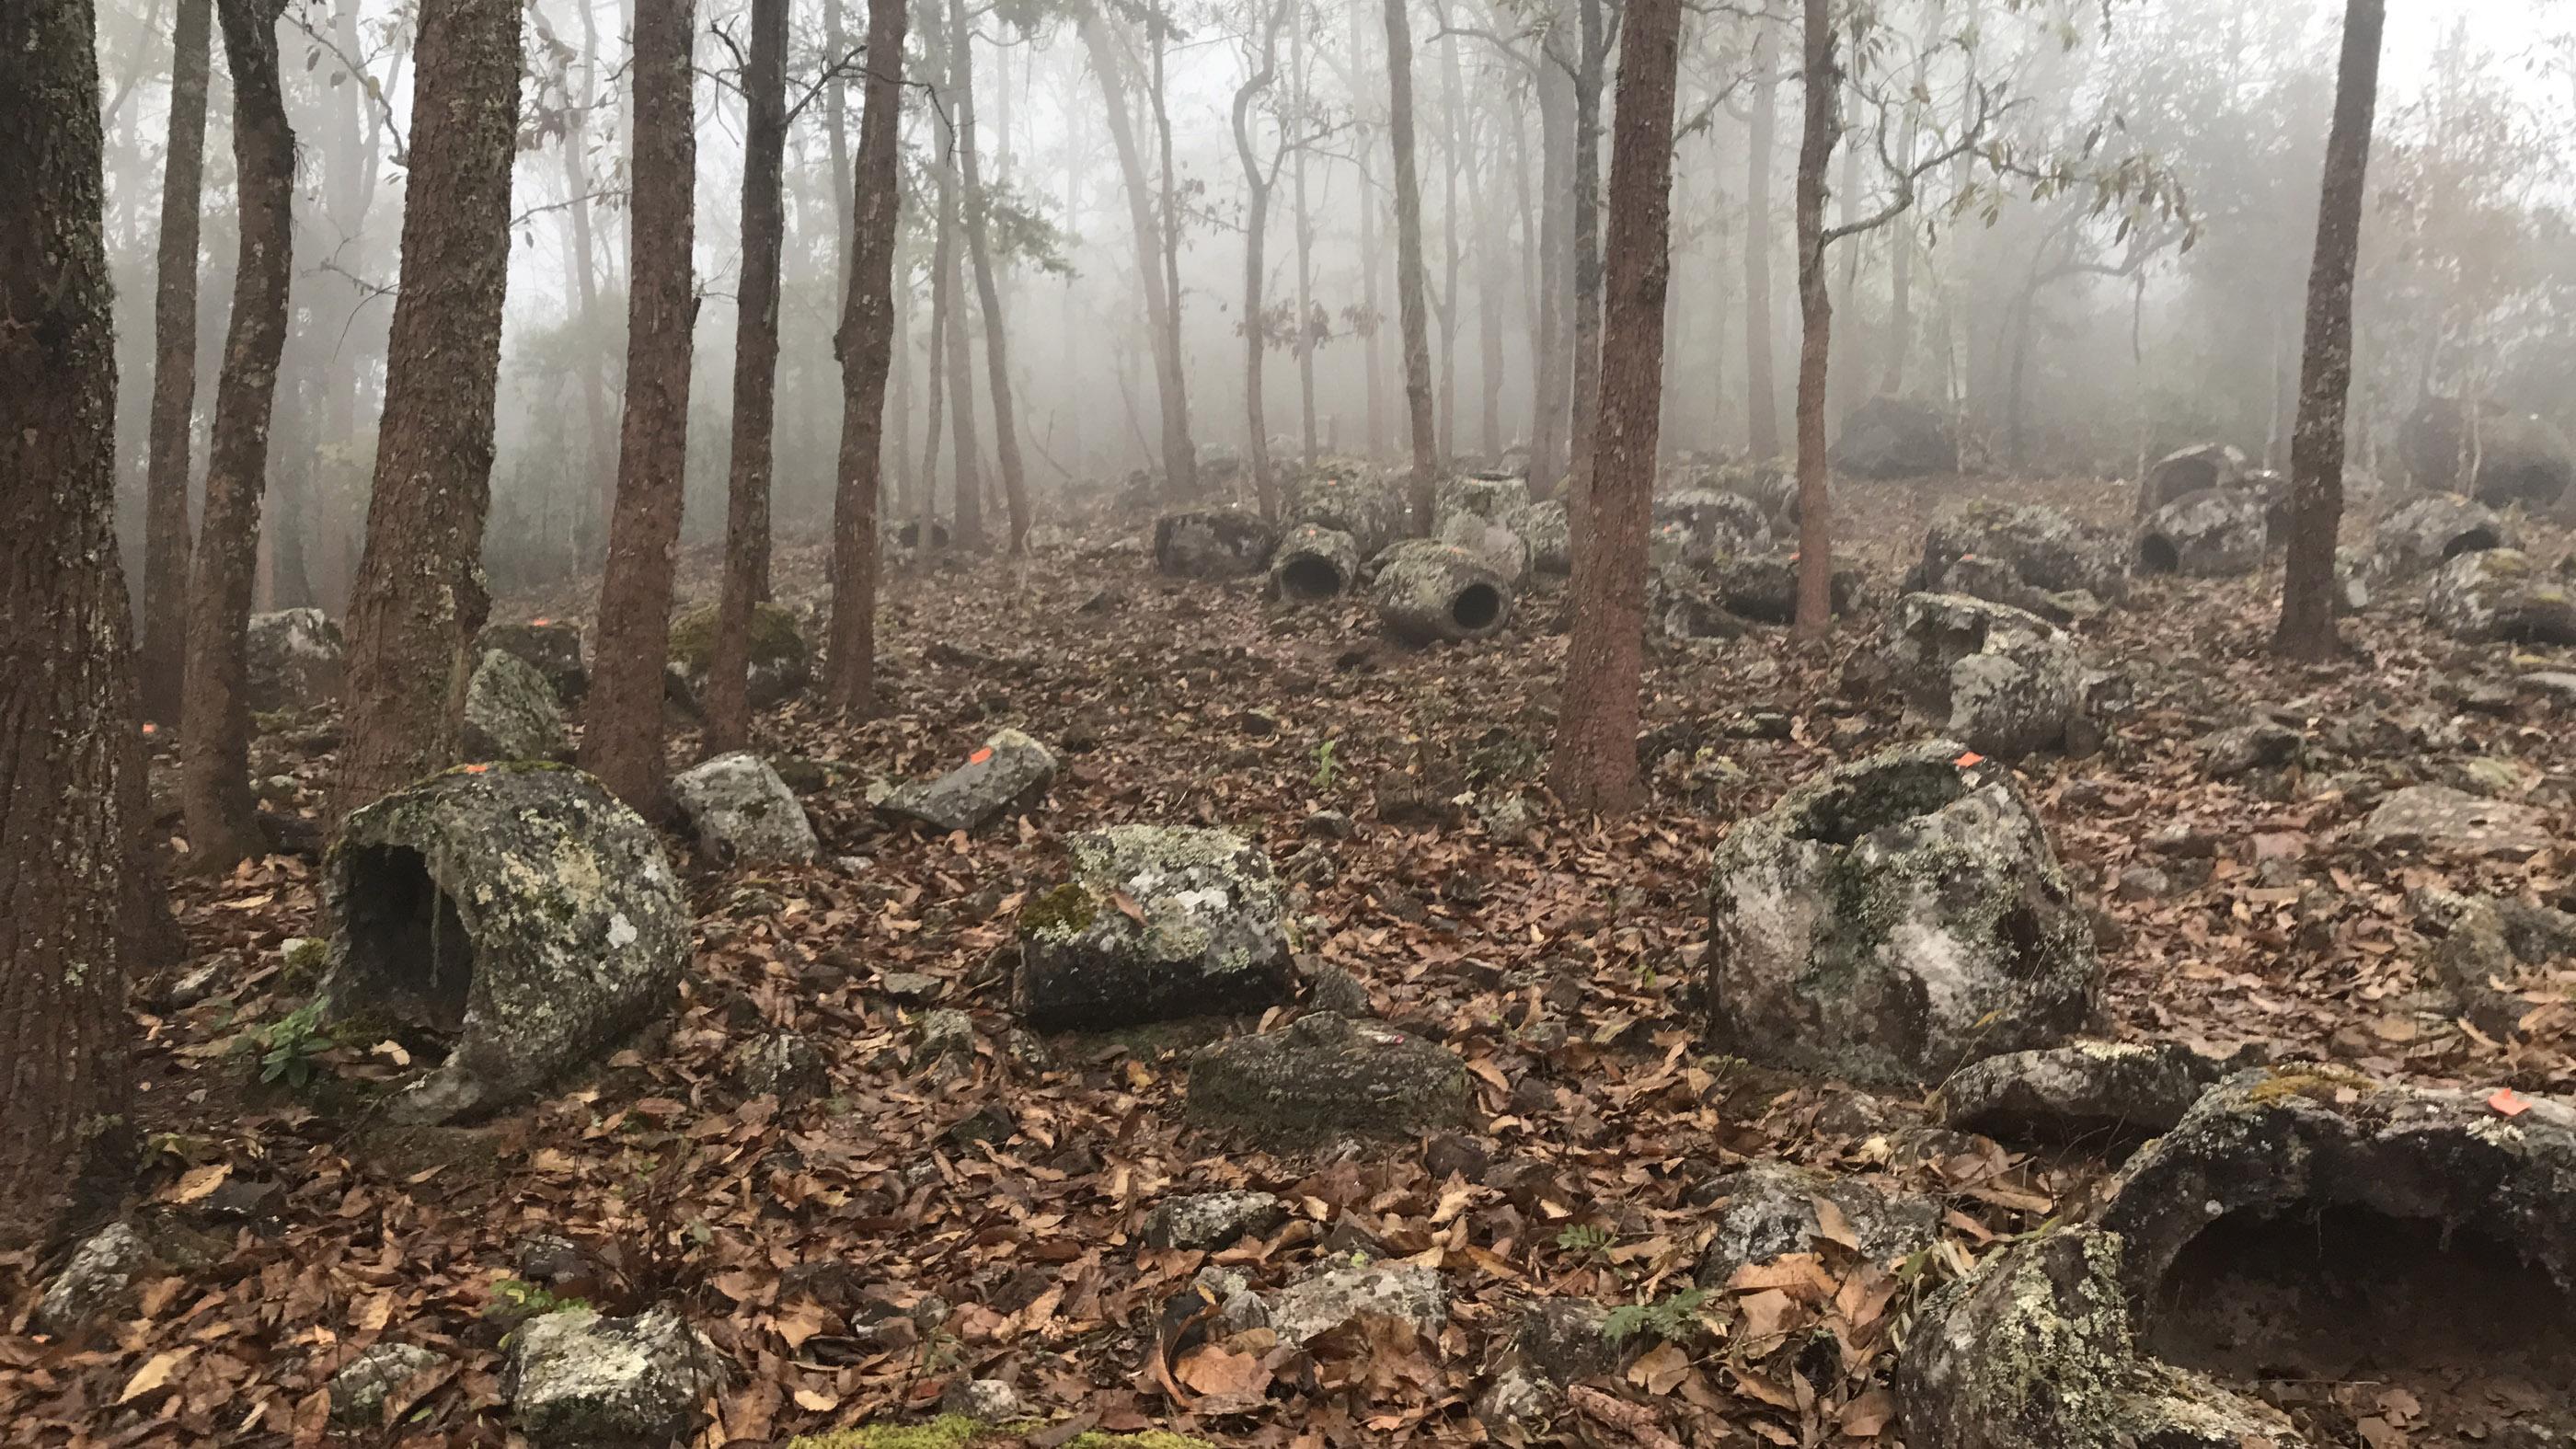 La région est connue sous le nom de Plaine des Jarres après le fond relativement plat de la vallée, mais la plupart des anciens sites de jarres en pierre se trouvent sur des collines et dans des forêts.